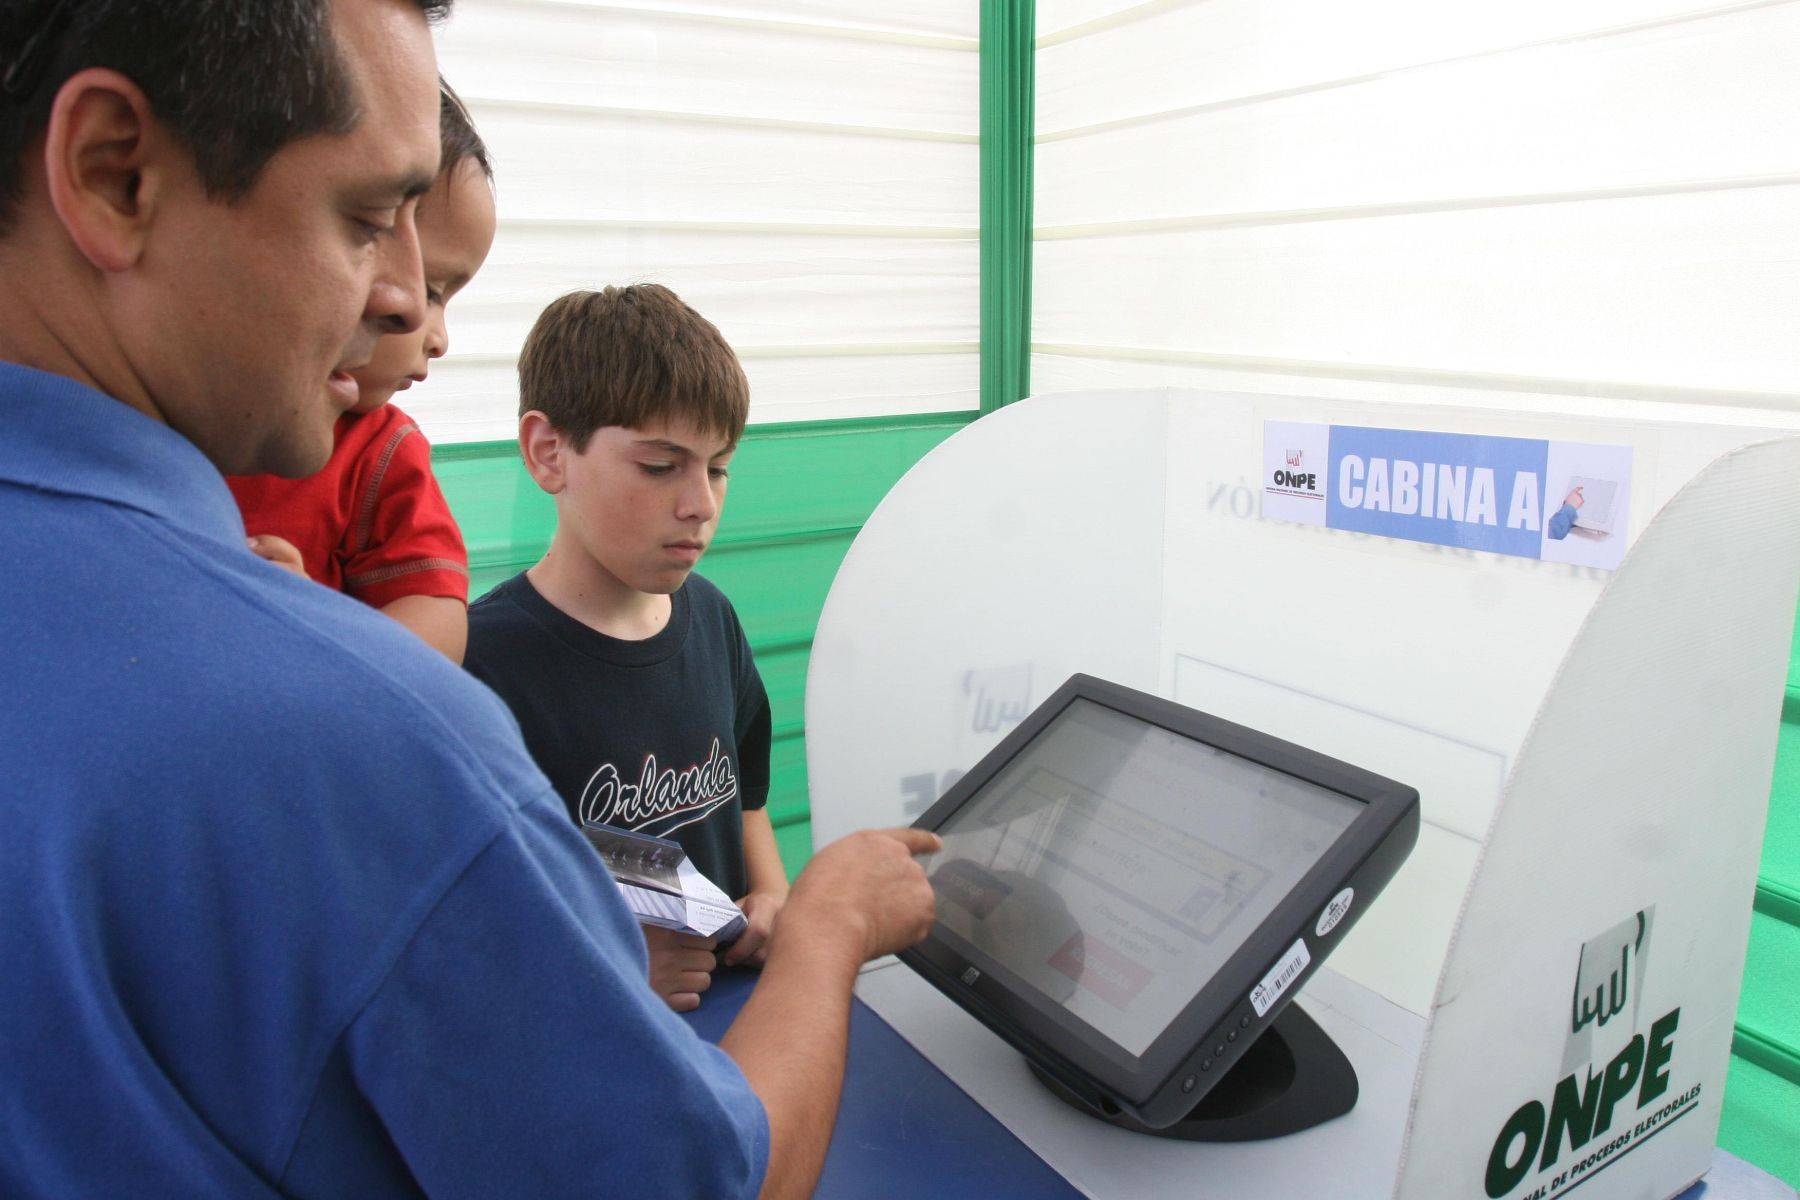 Simulacro de voto electrónico, organizado por la Onpe en el distrito de Miraflores. Foto: ANDINA/ Vidal Tarqui